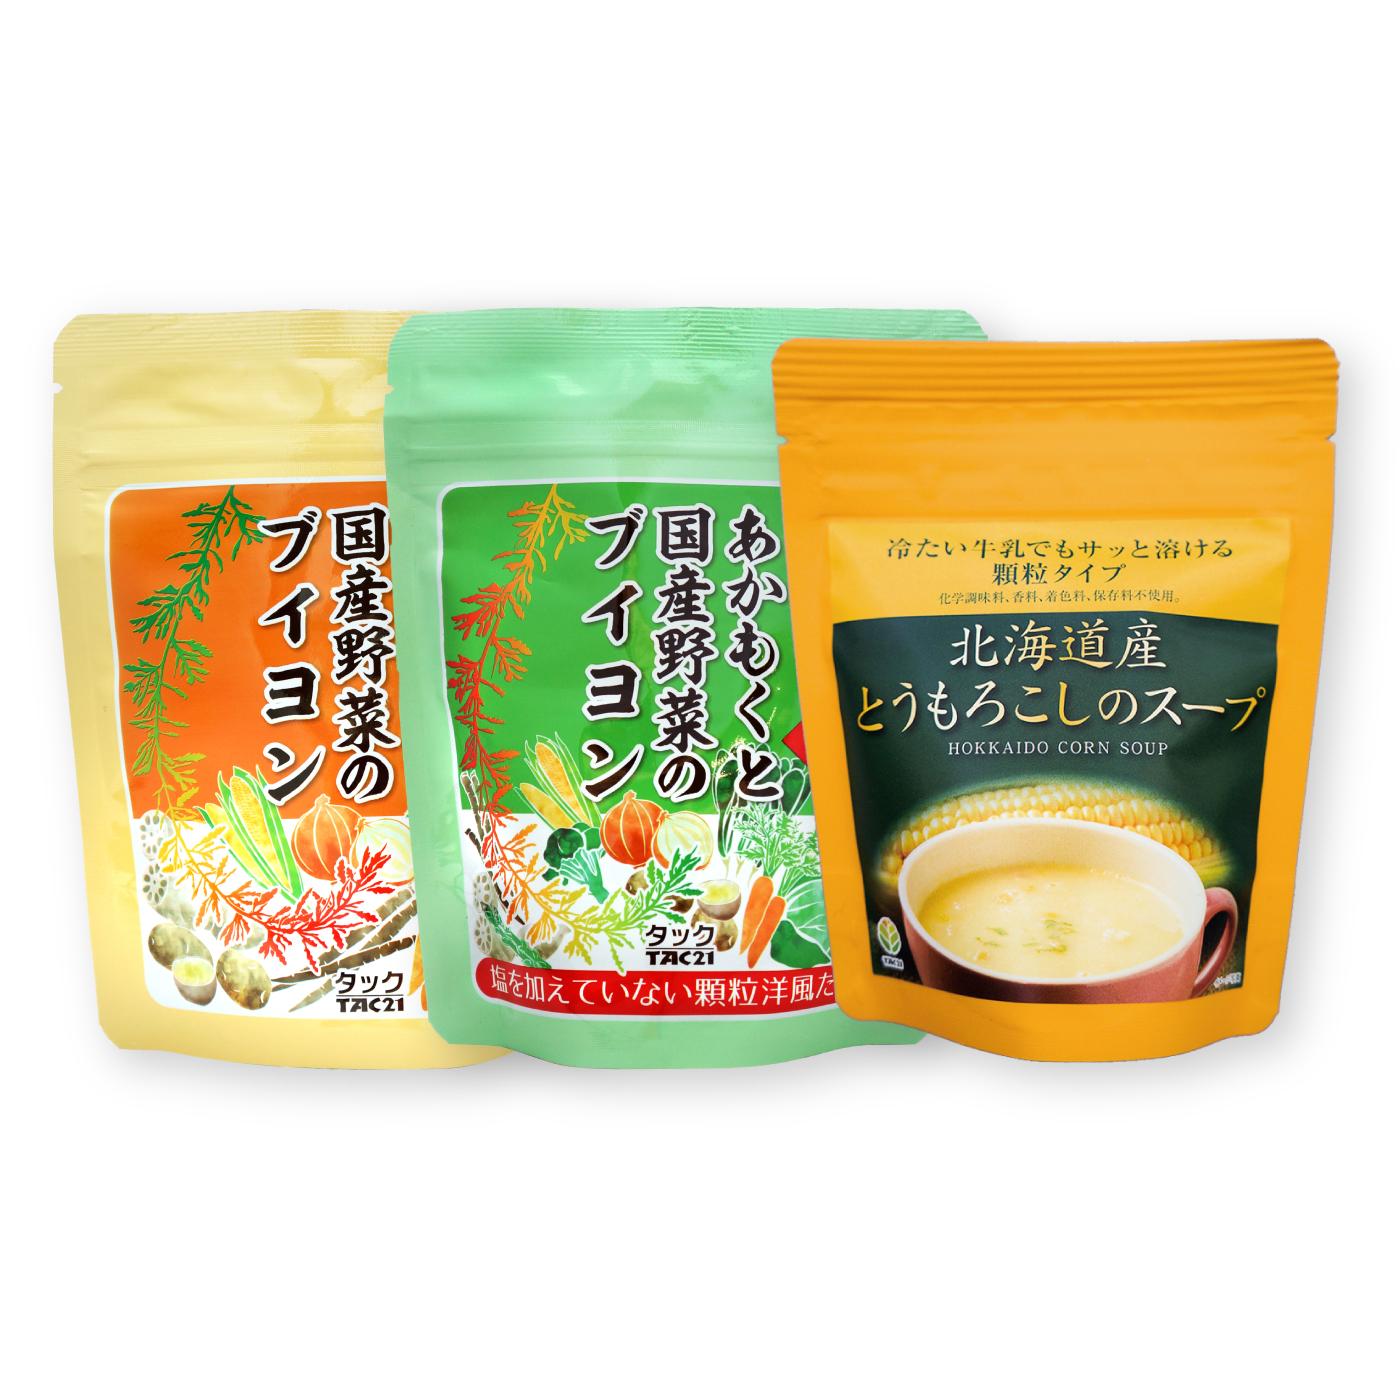 フェリシモ 自然のおいしさひとまとめ とうもろこしスープ(顆粒)と湘南逗子産天然あかもくと国産野菜ブイヨンセット